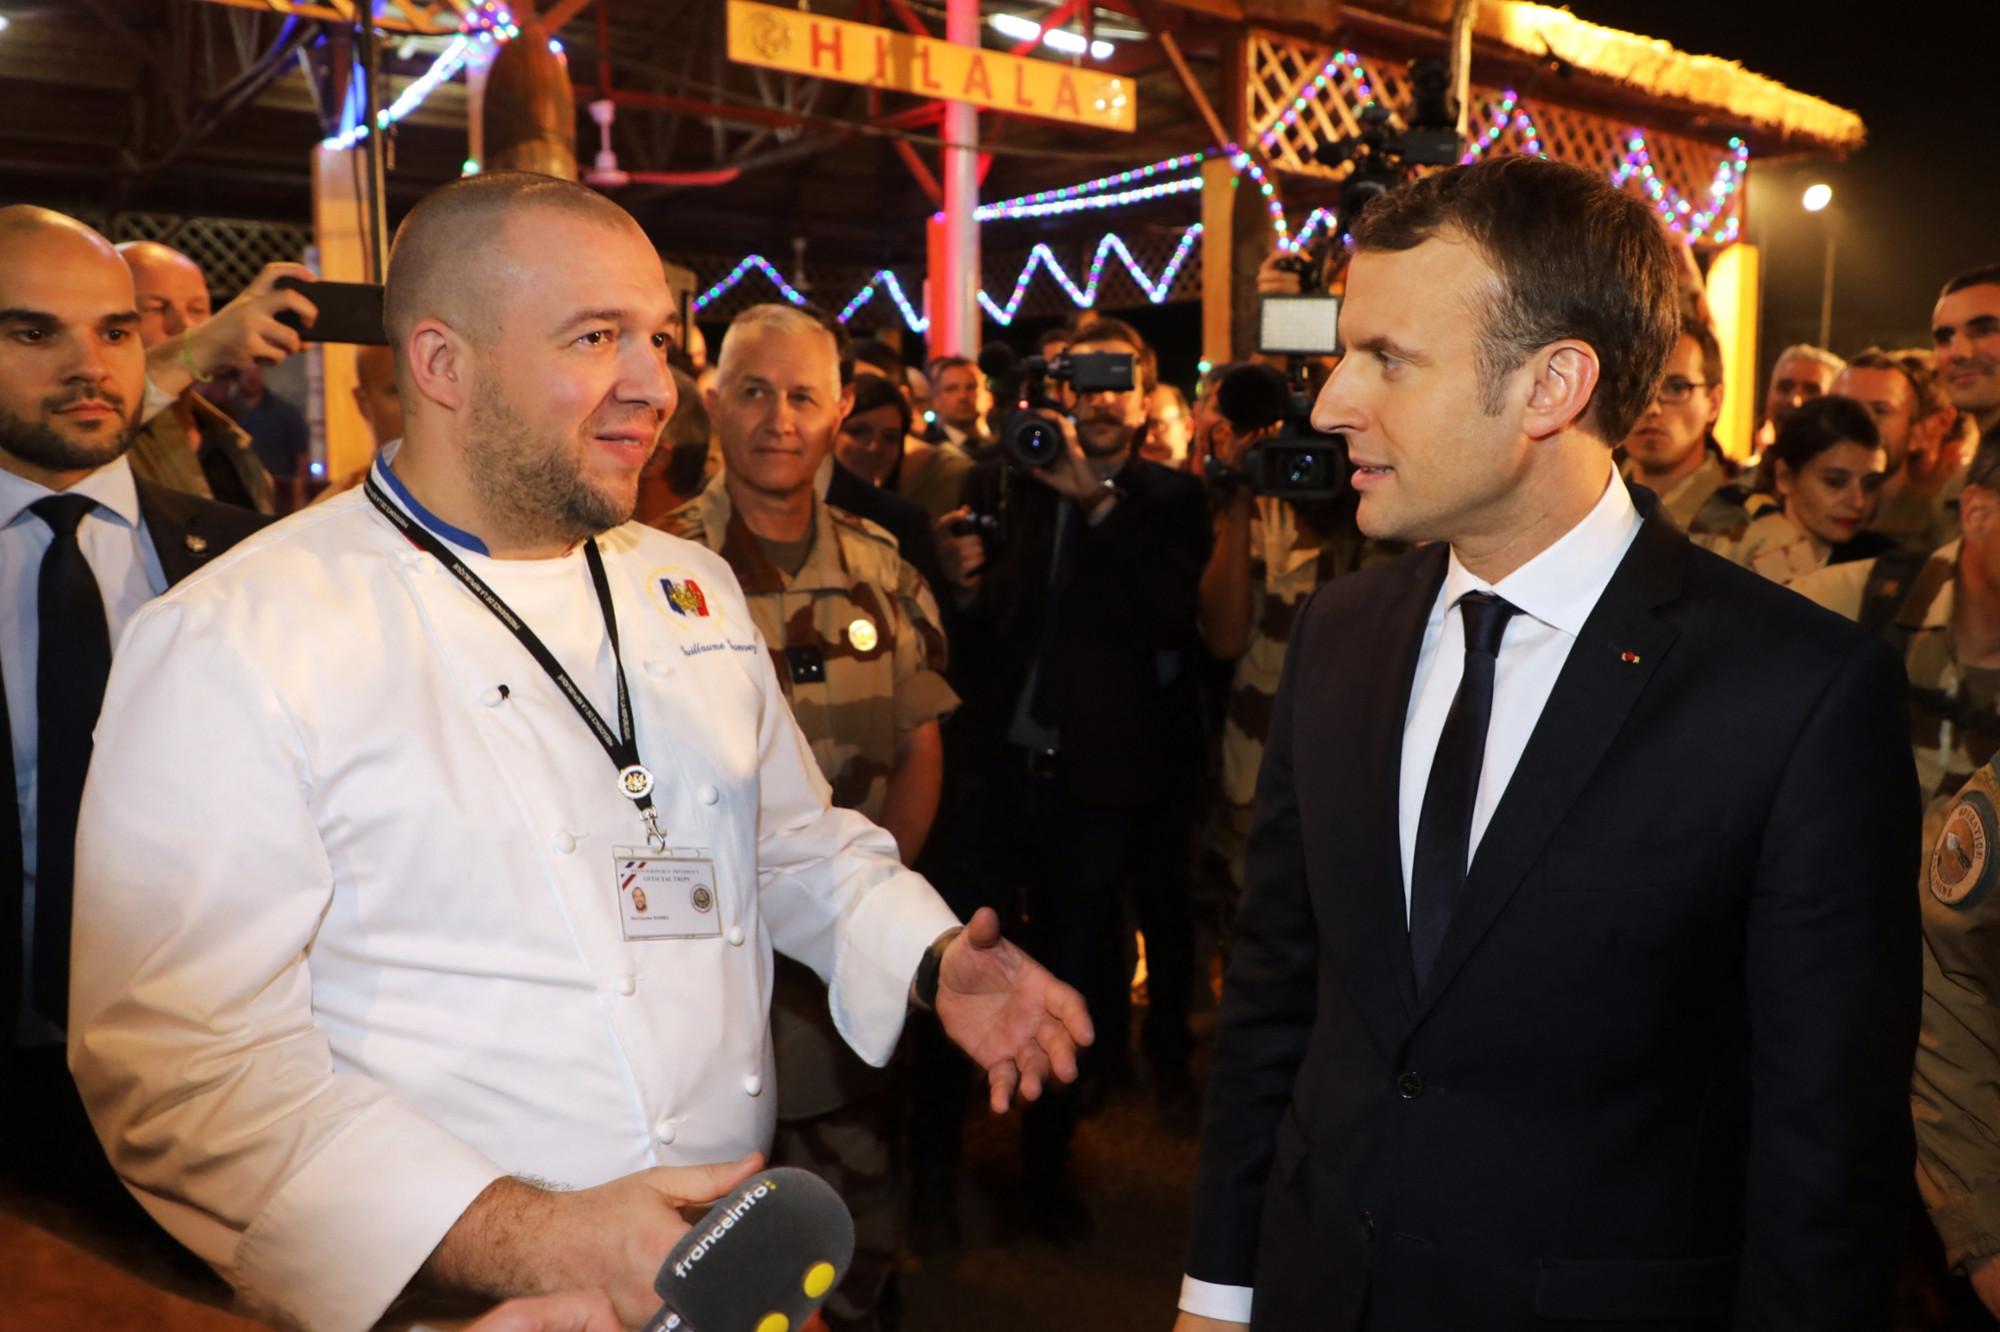 Les coulisses du départ surprise du cuisinier de l'Élysée Guillaume Gomez - RTL.fr